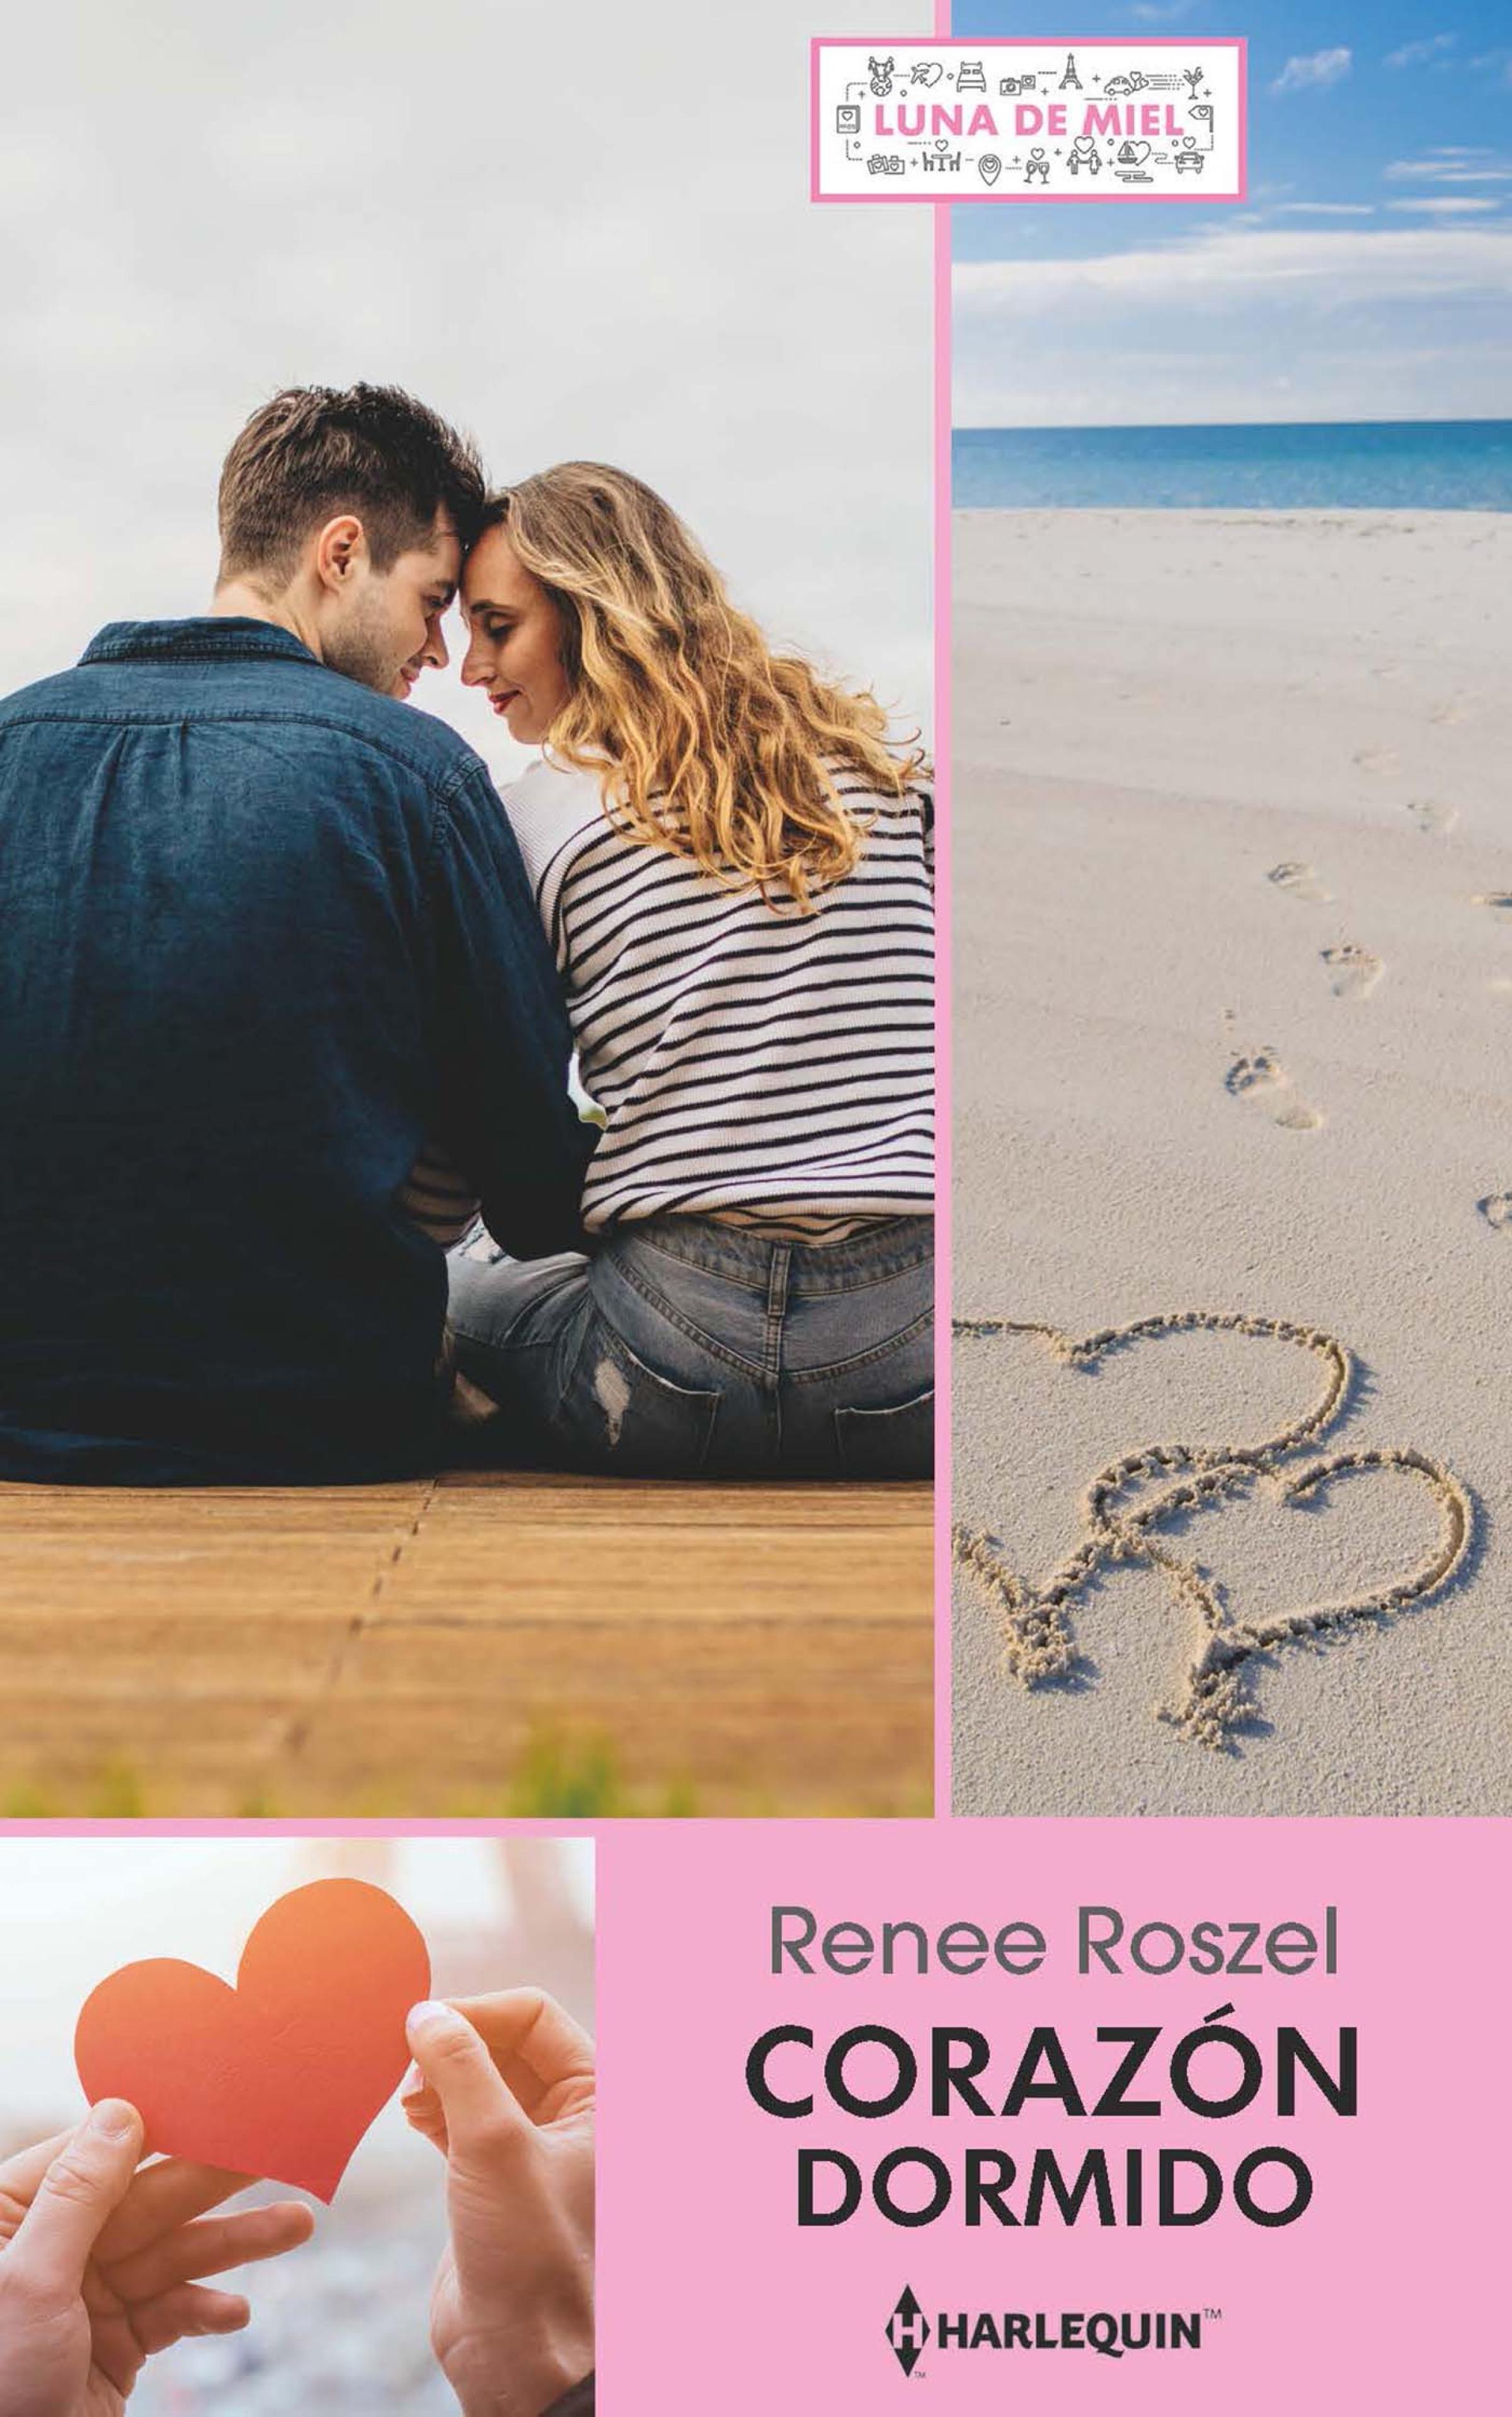 Renee Roszel Corazón dormido renee roszel her mistletoe husband